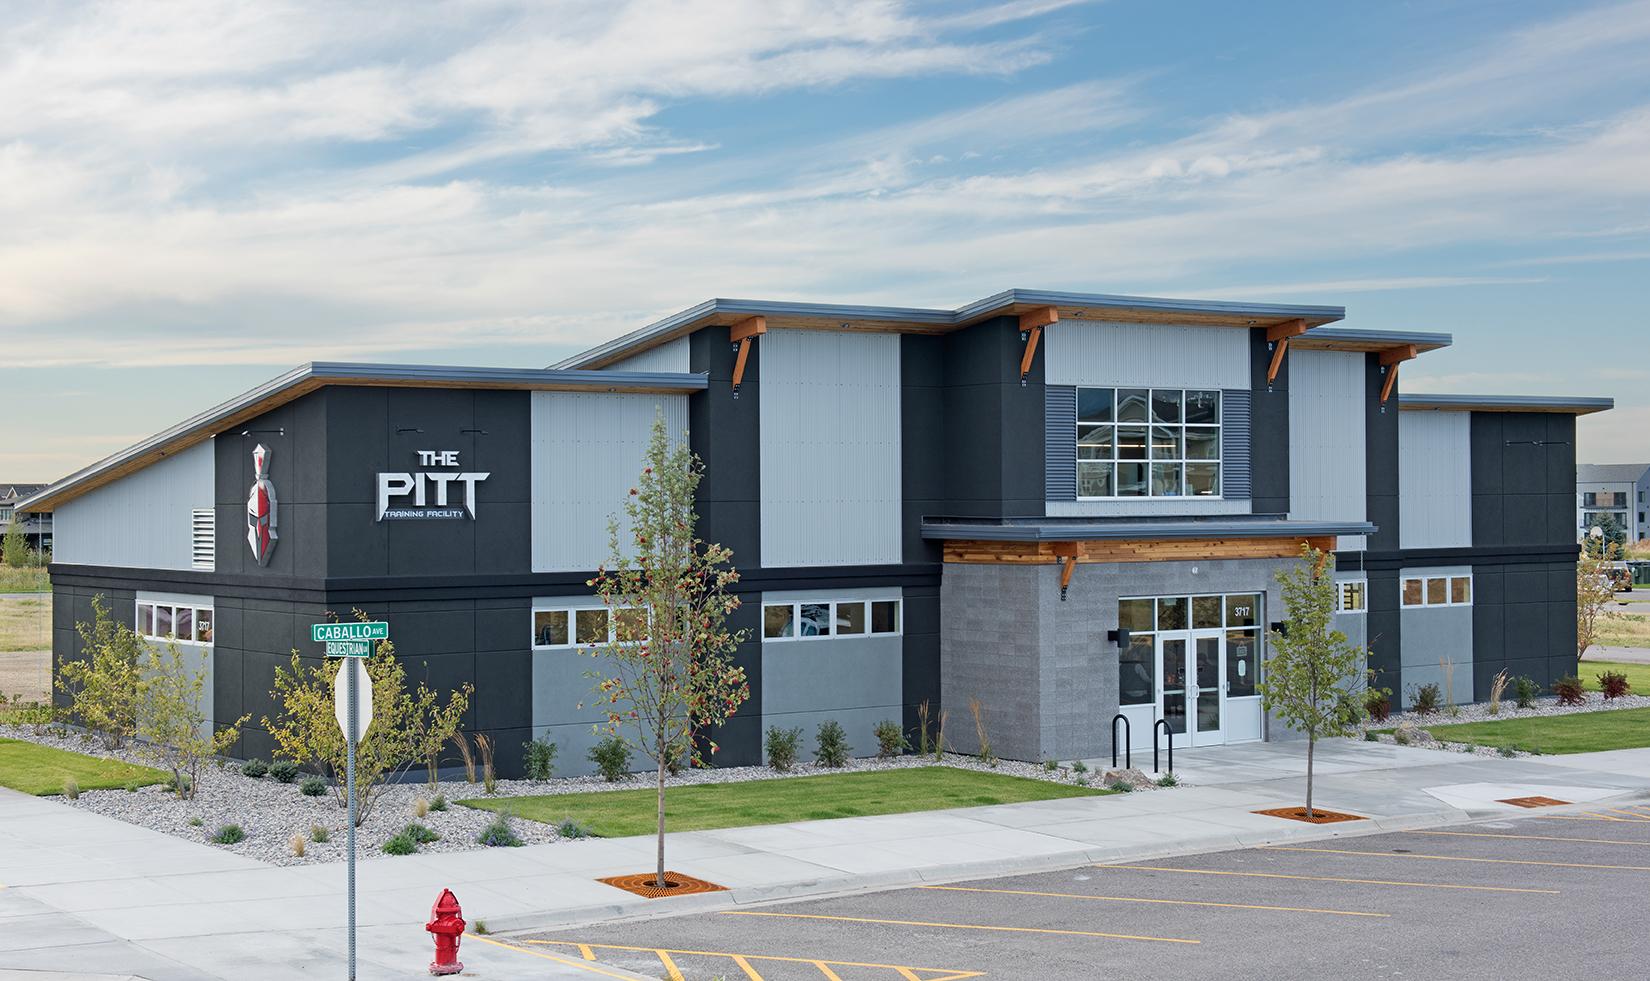 The Pitt - Final-1 - LR.jpg